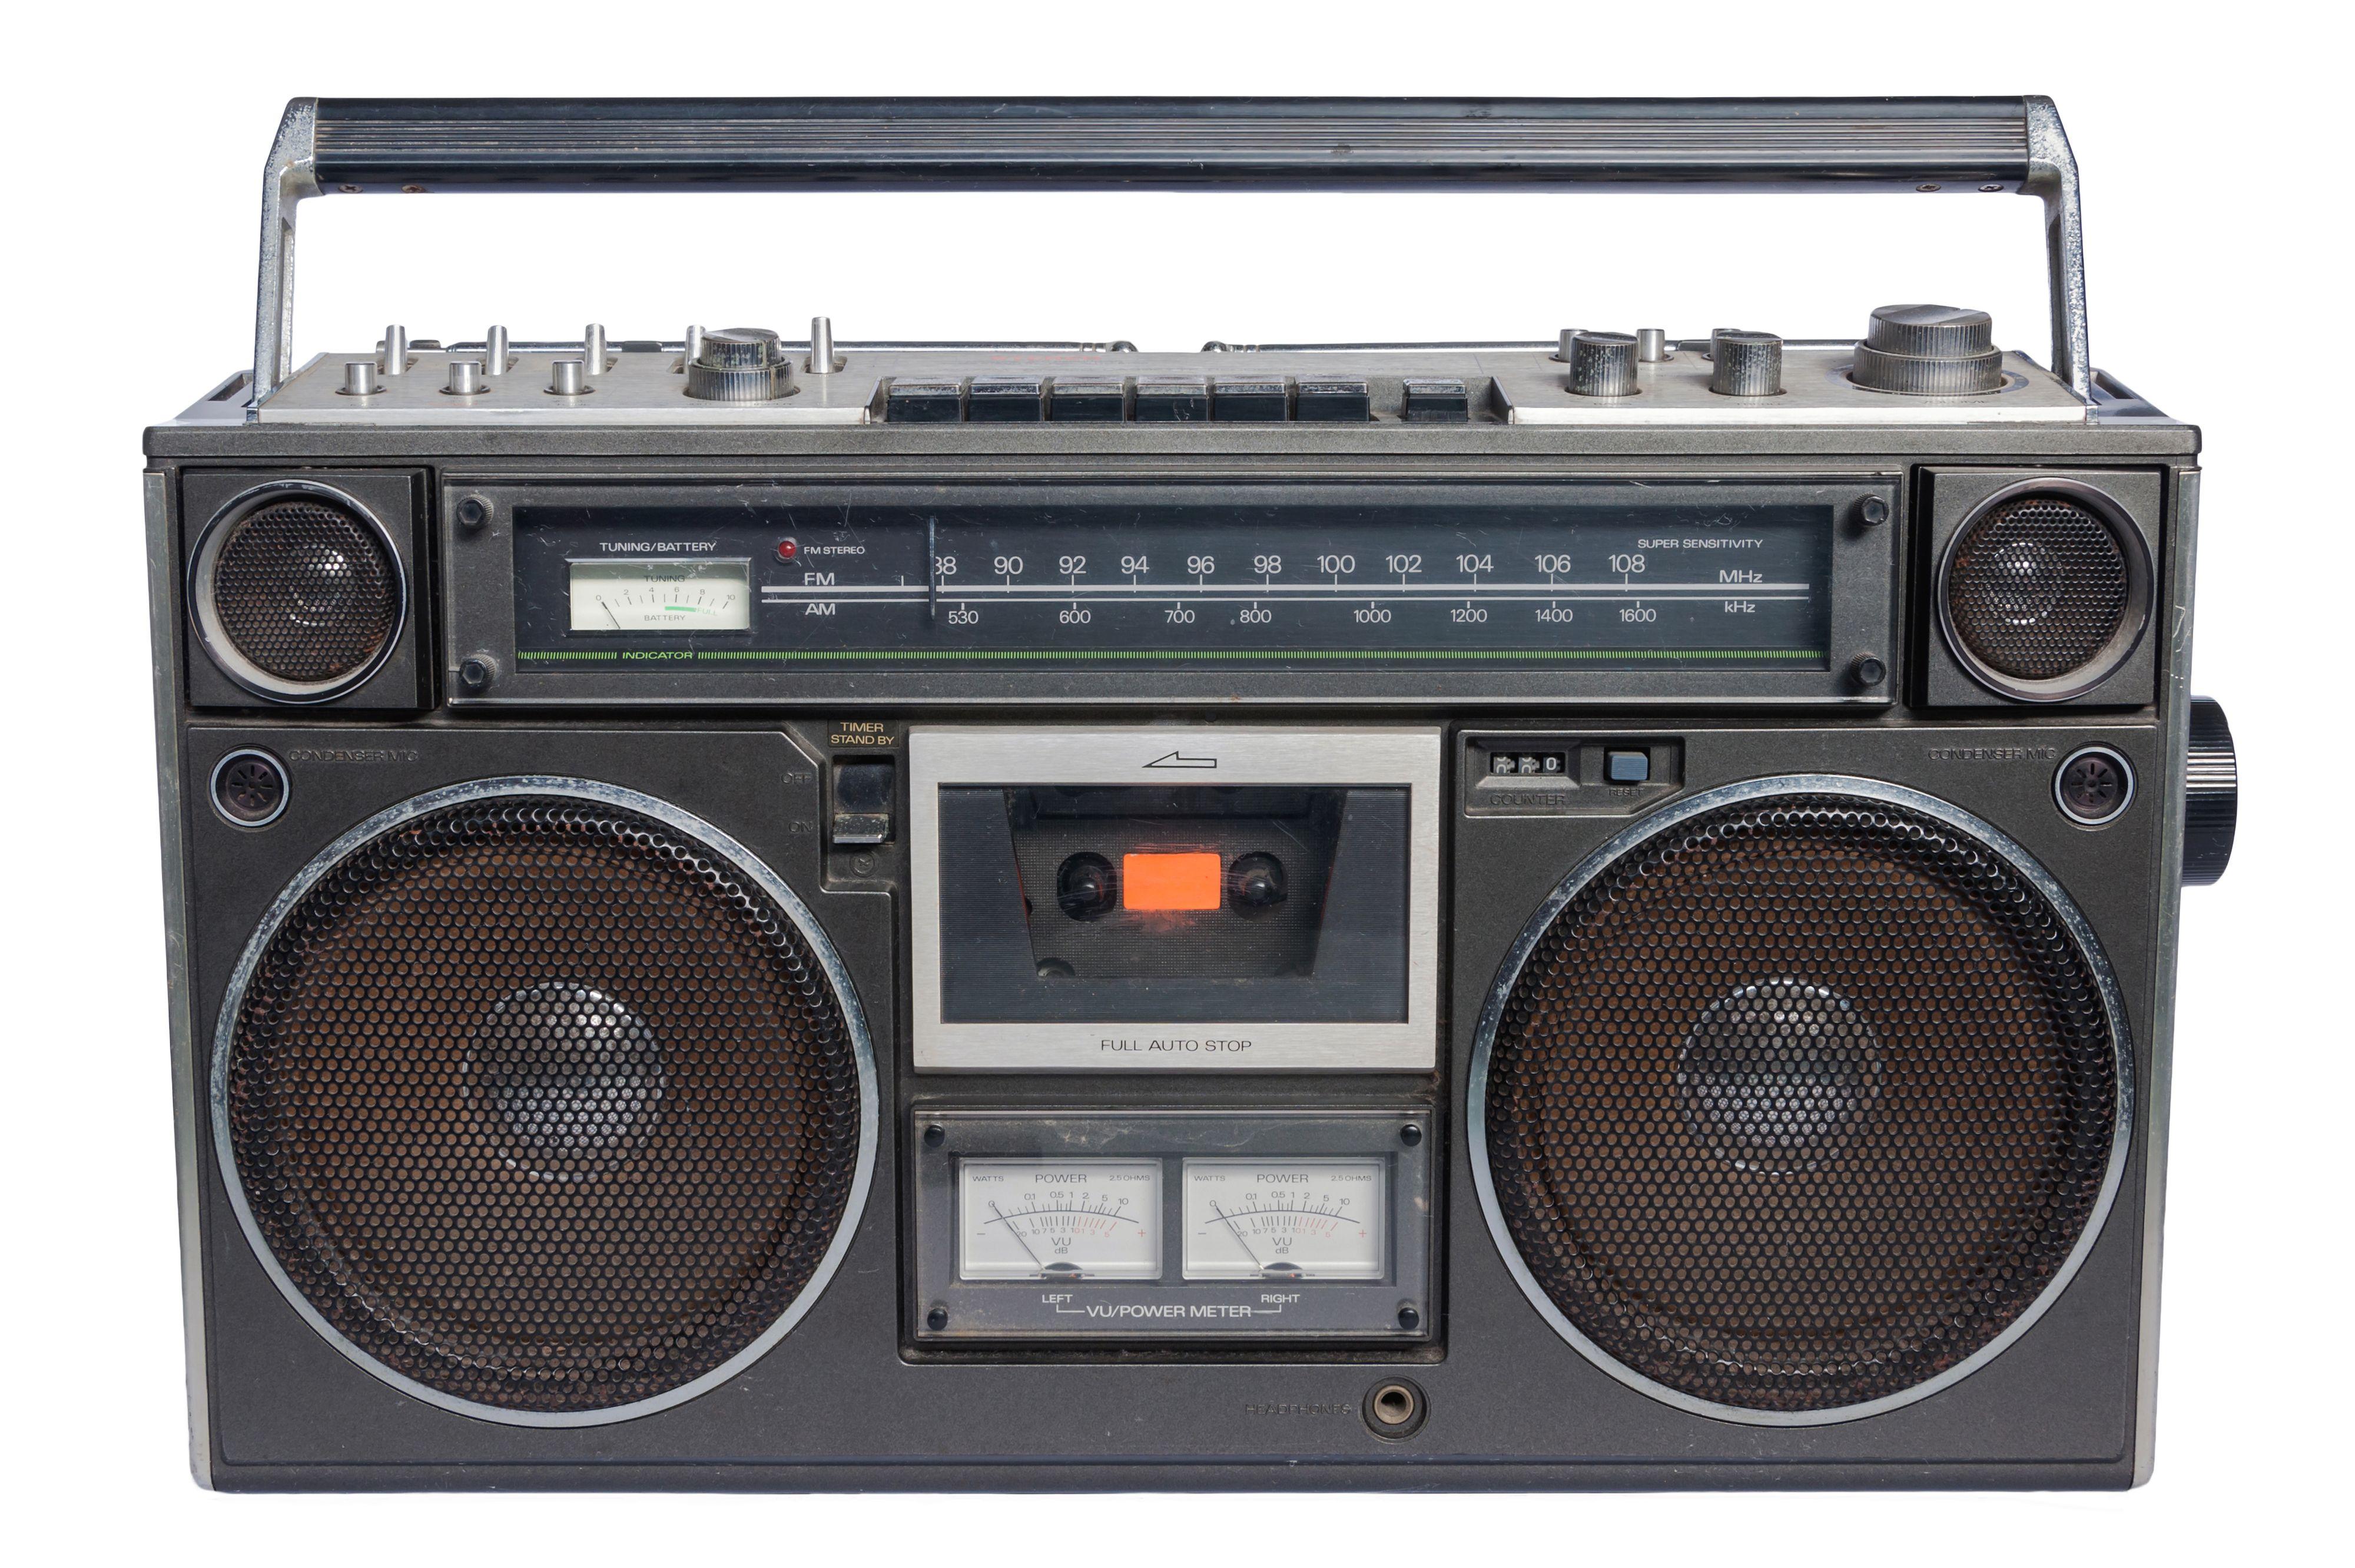 En klassiker av en kassettspiller. I 2017 blir FM-radioen stille. Foto: Shutterstock